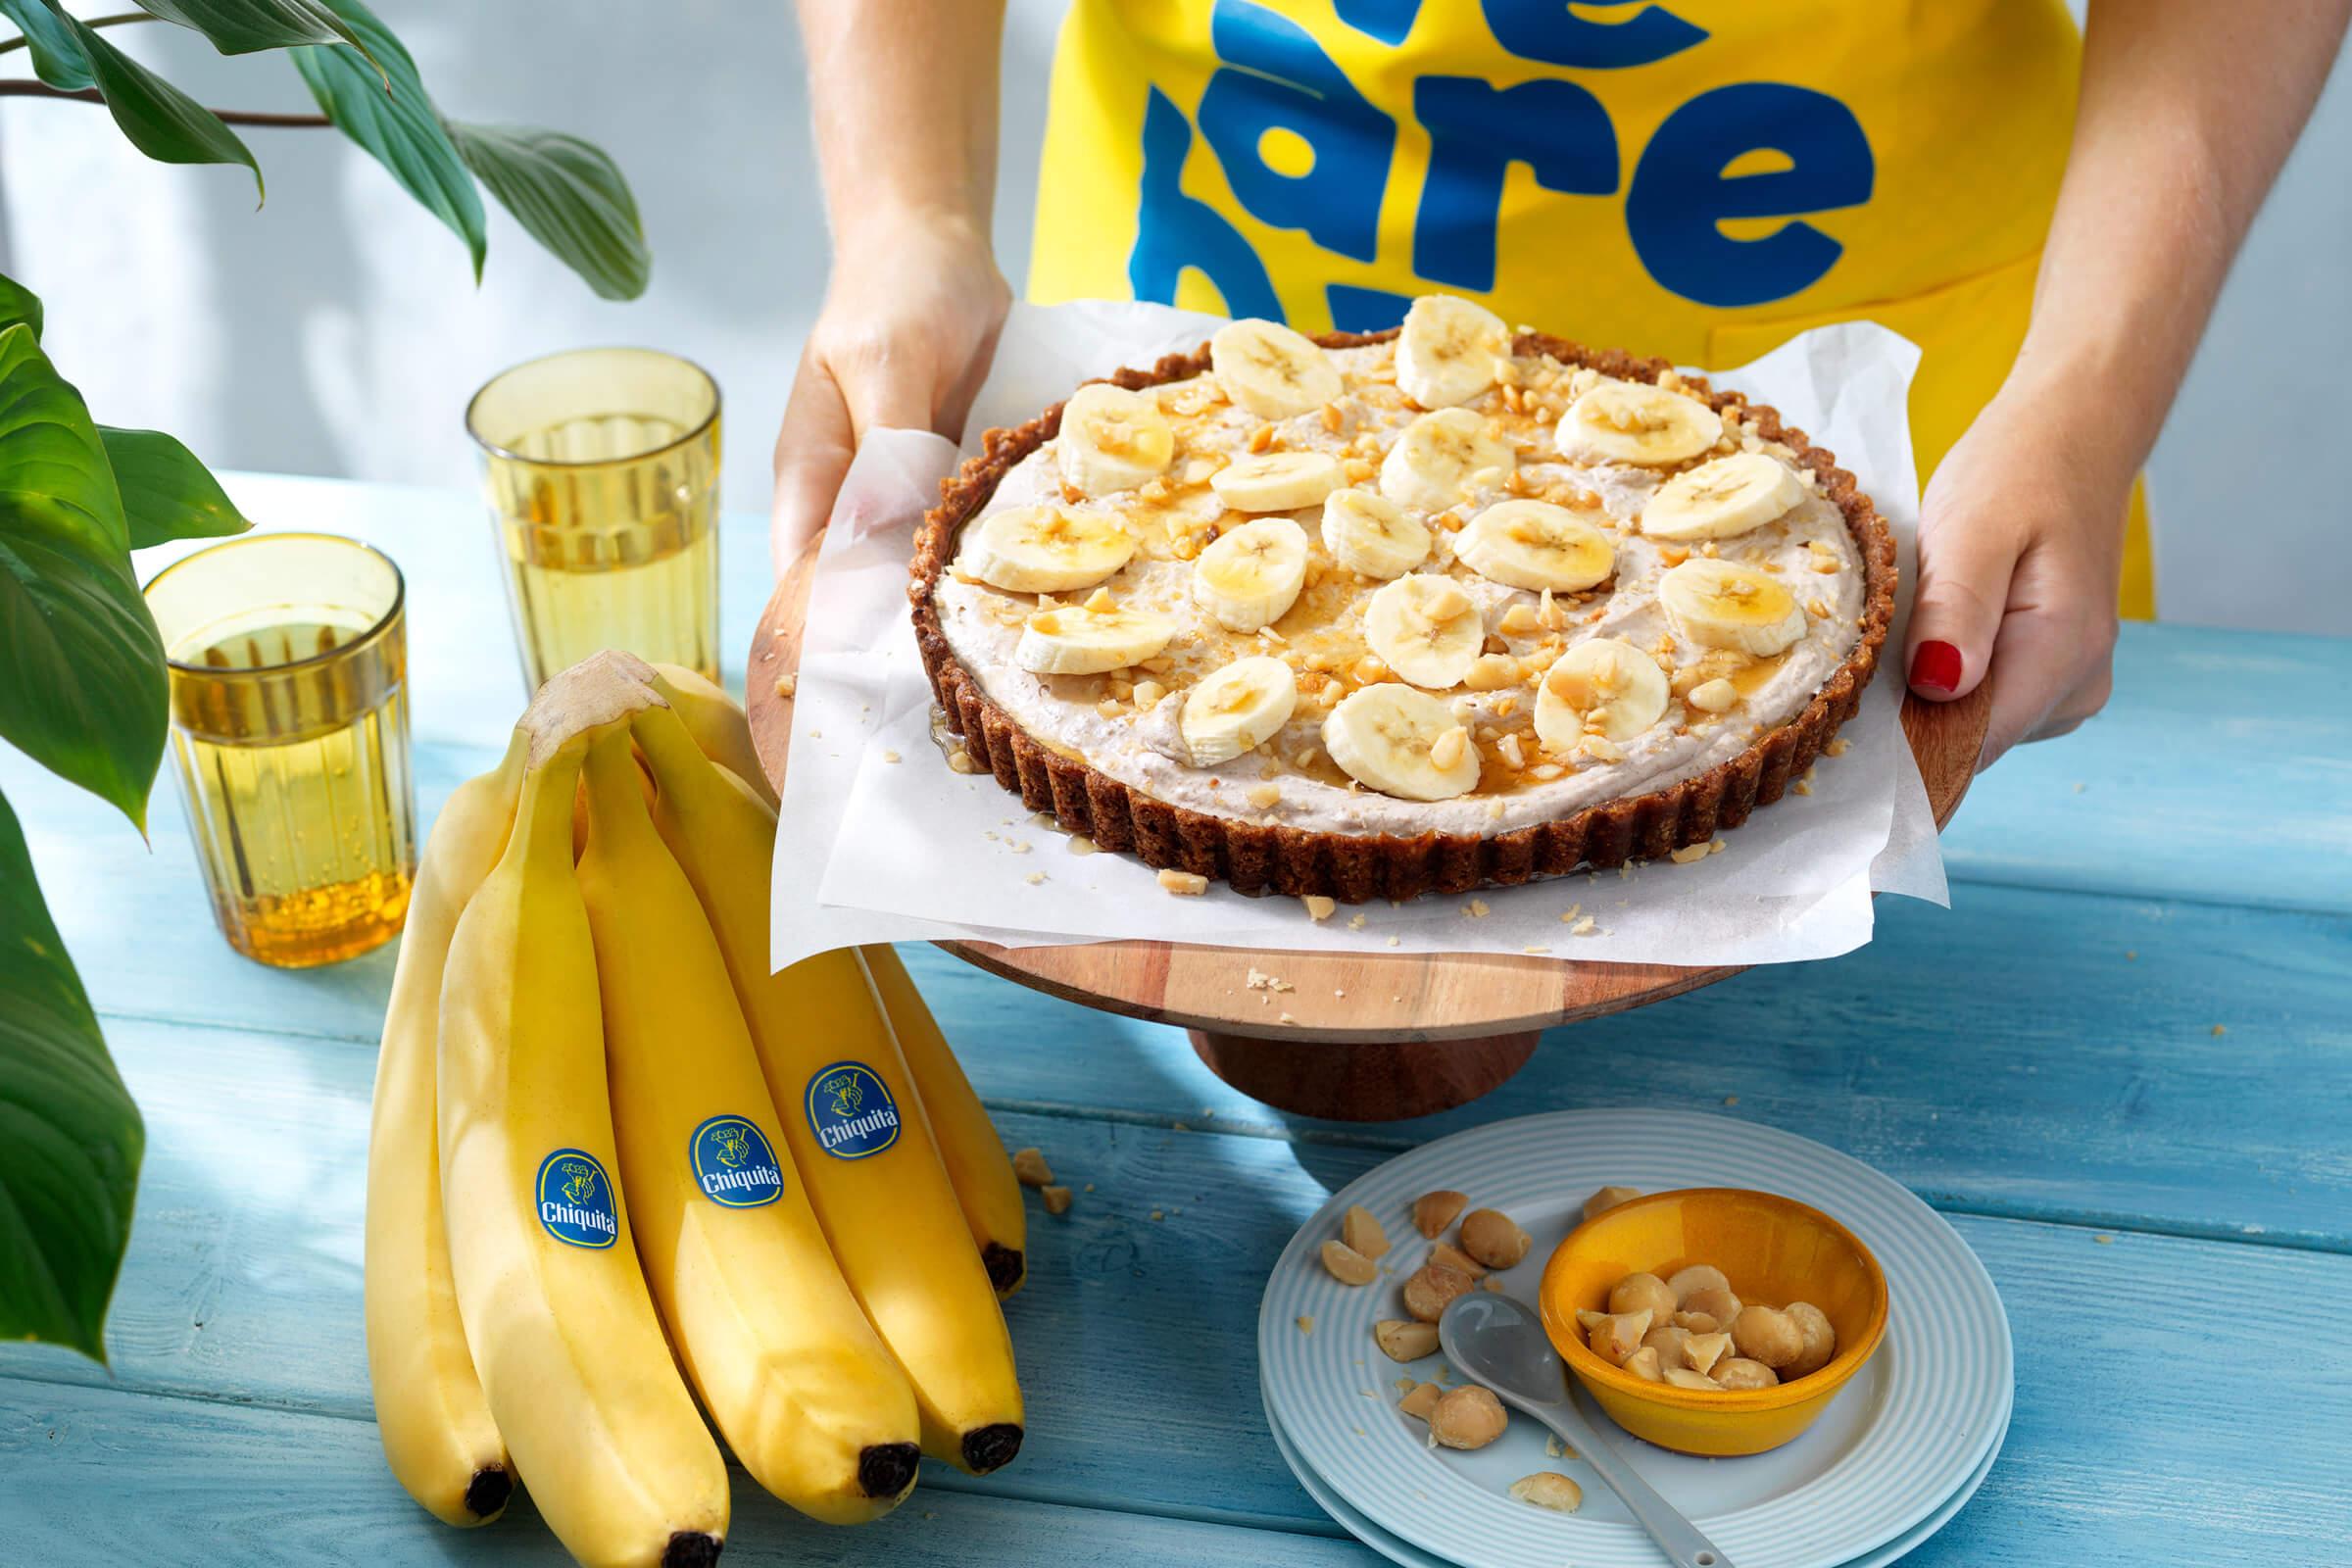 Torta con banane Chiquita facile da preparare